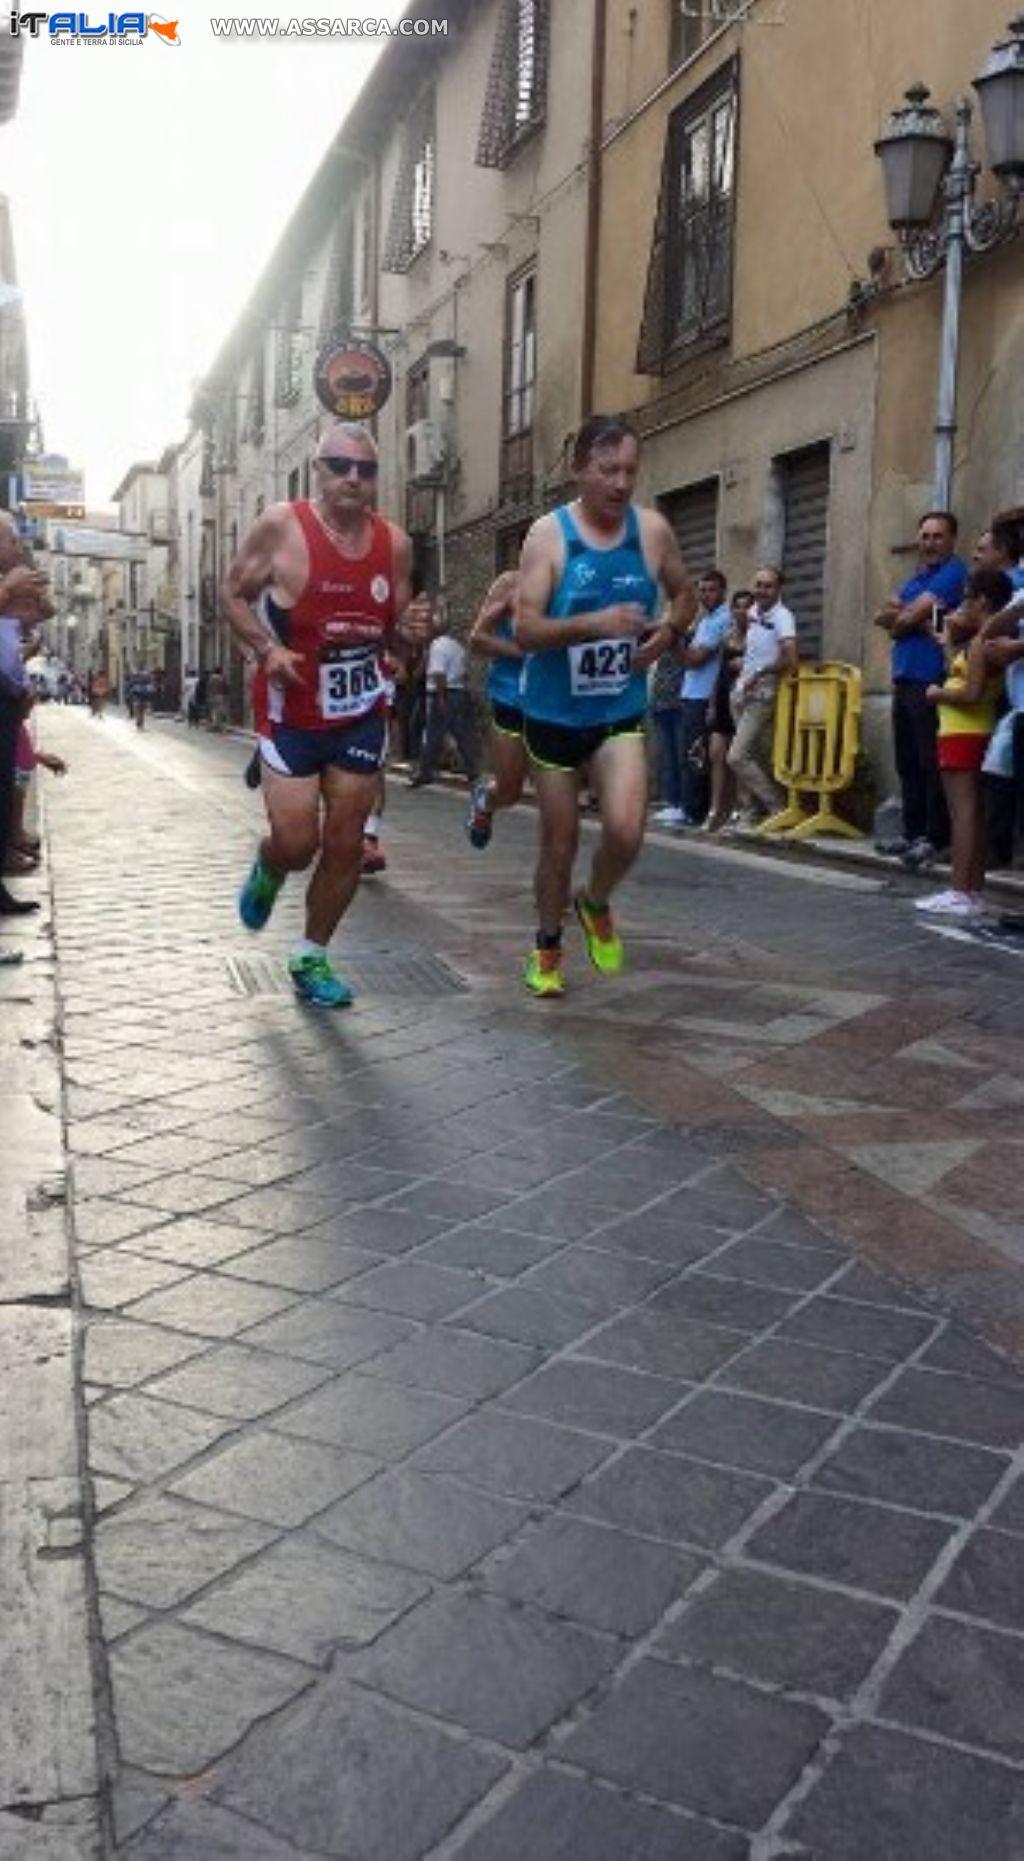 GARA PODISTICA DEL BIO-RACE CITTÀ DI VALLEDOLMO